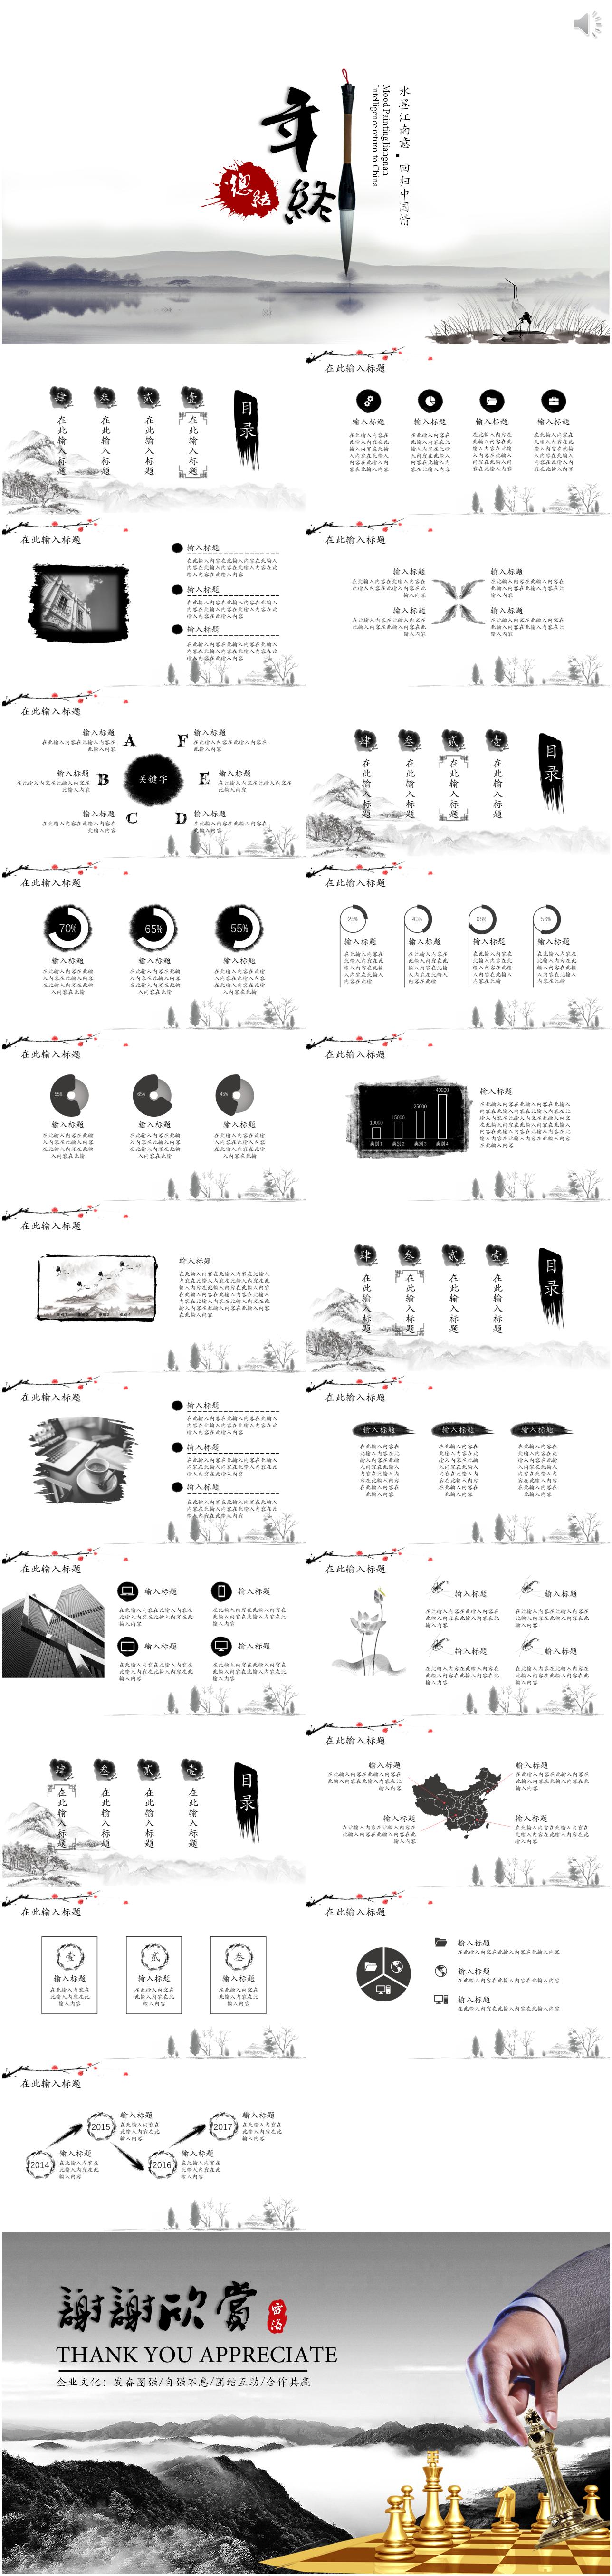 """ppt模板中国风实用水墨风格PPT模板(雷洛制作)+使用"""""""